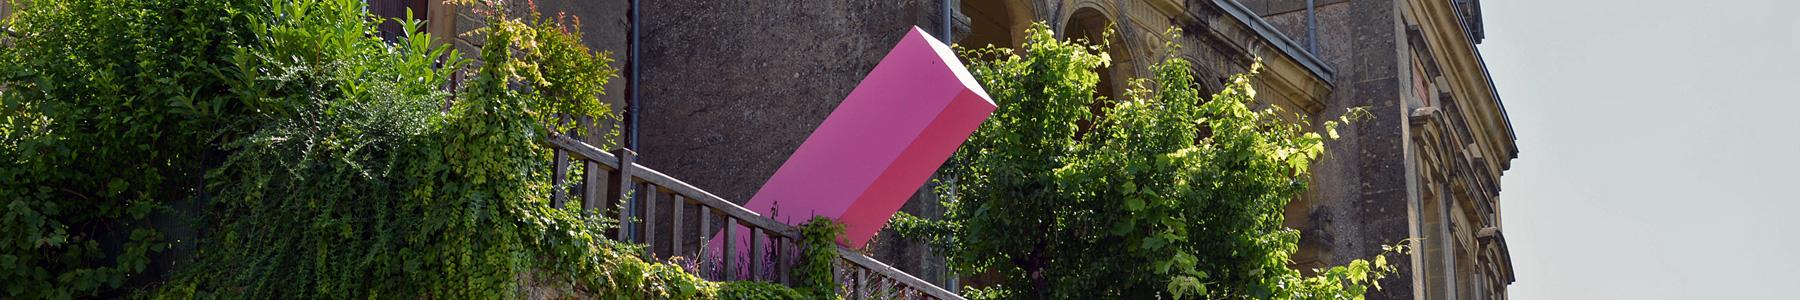 Parcours d'art actuel dans l'espace public